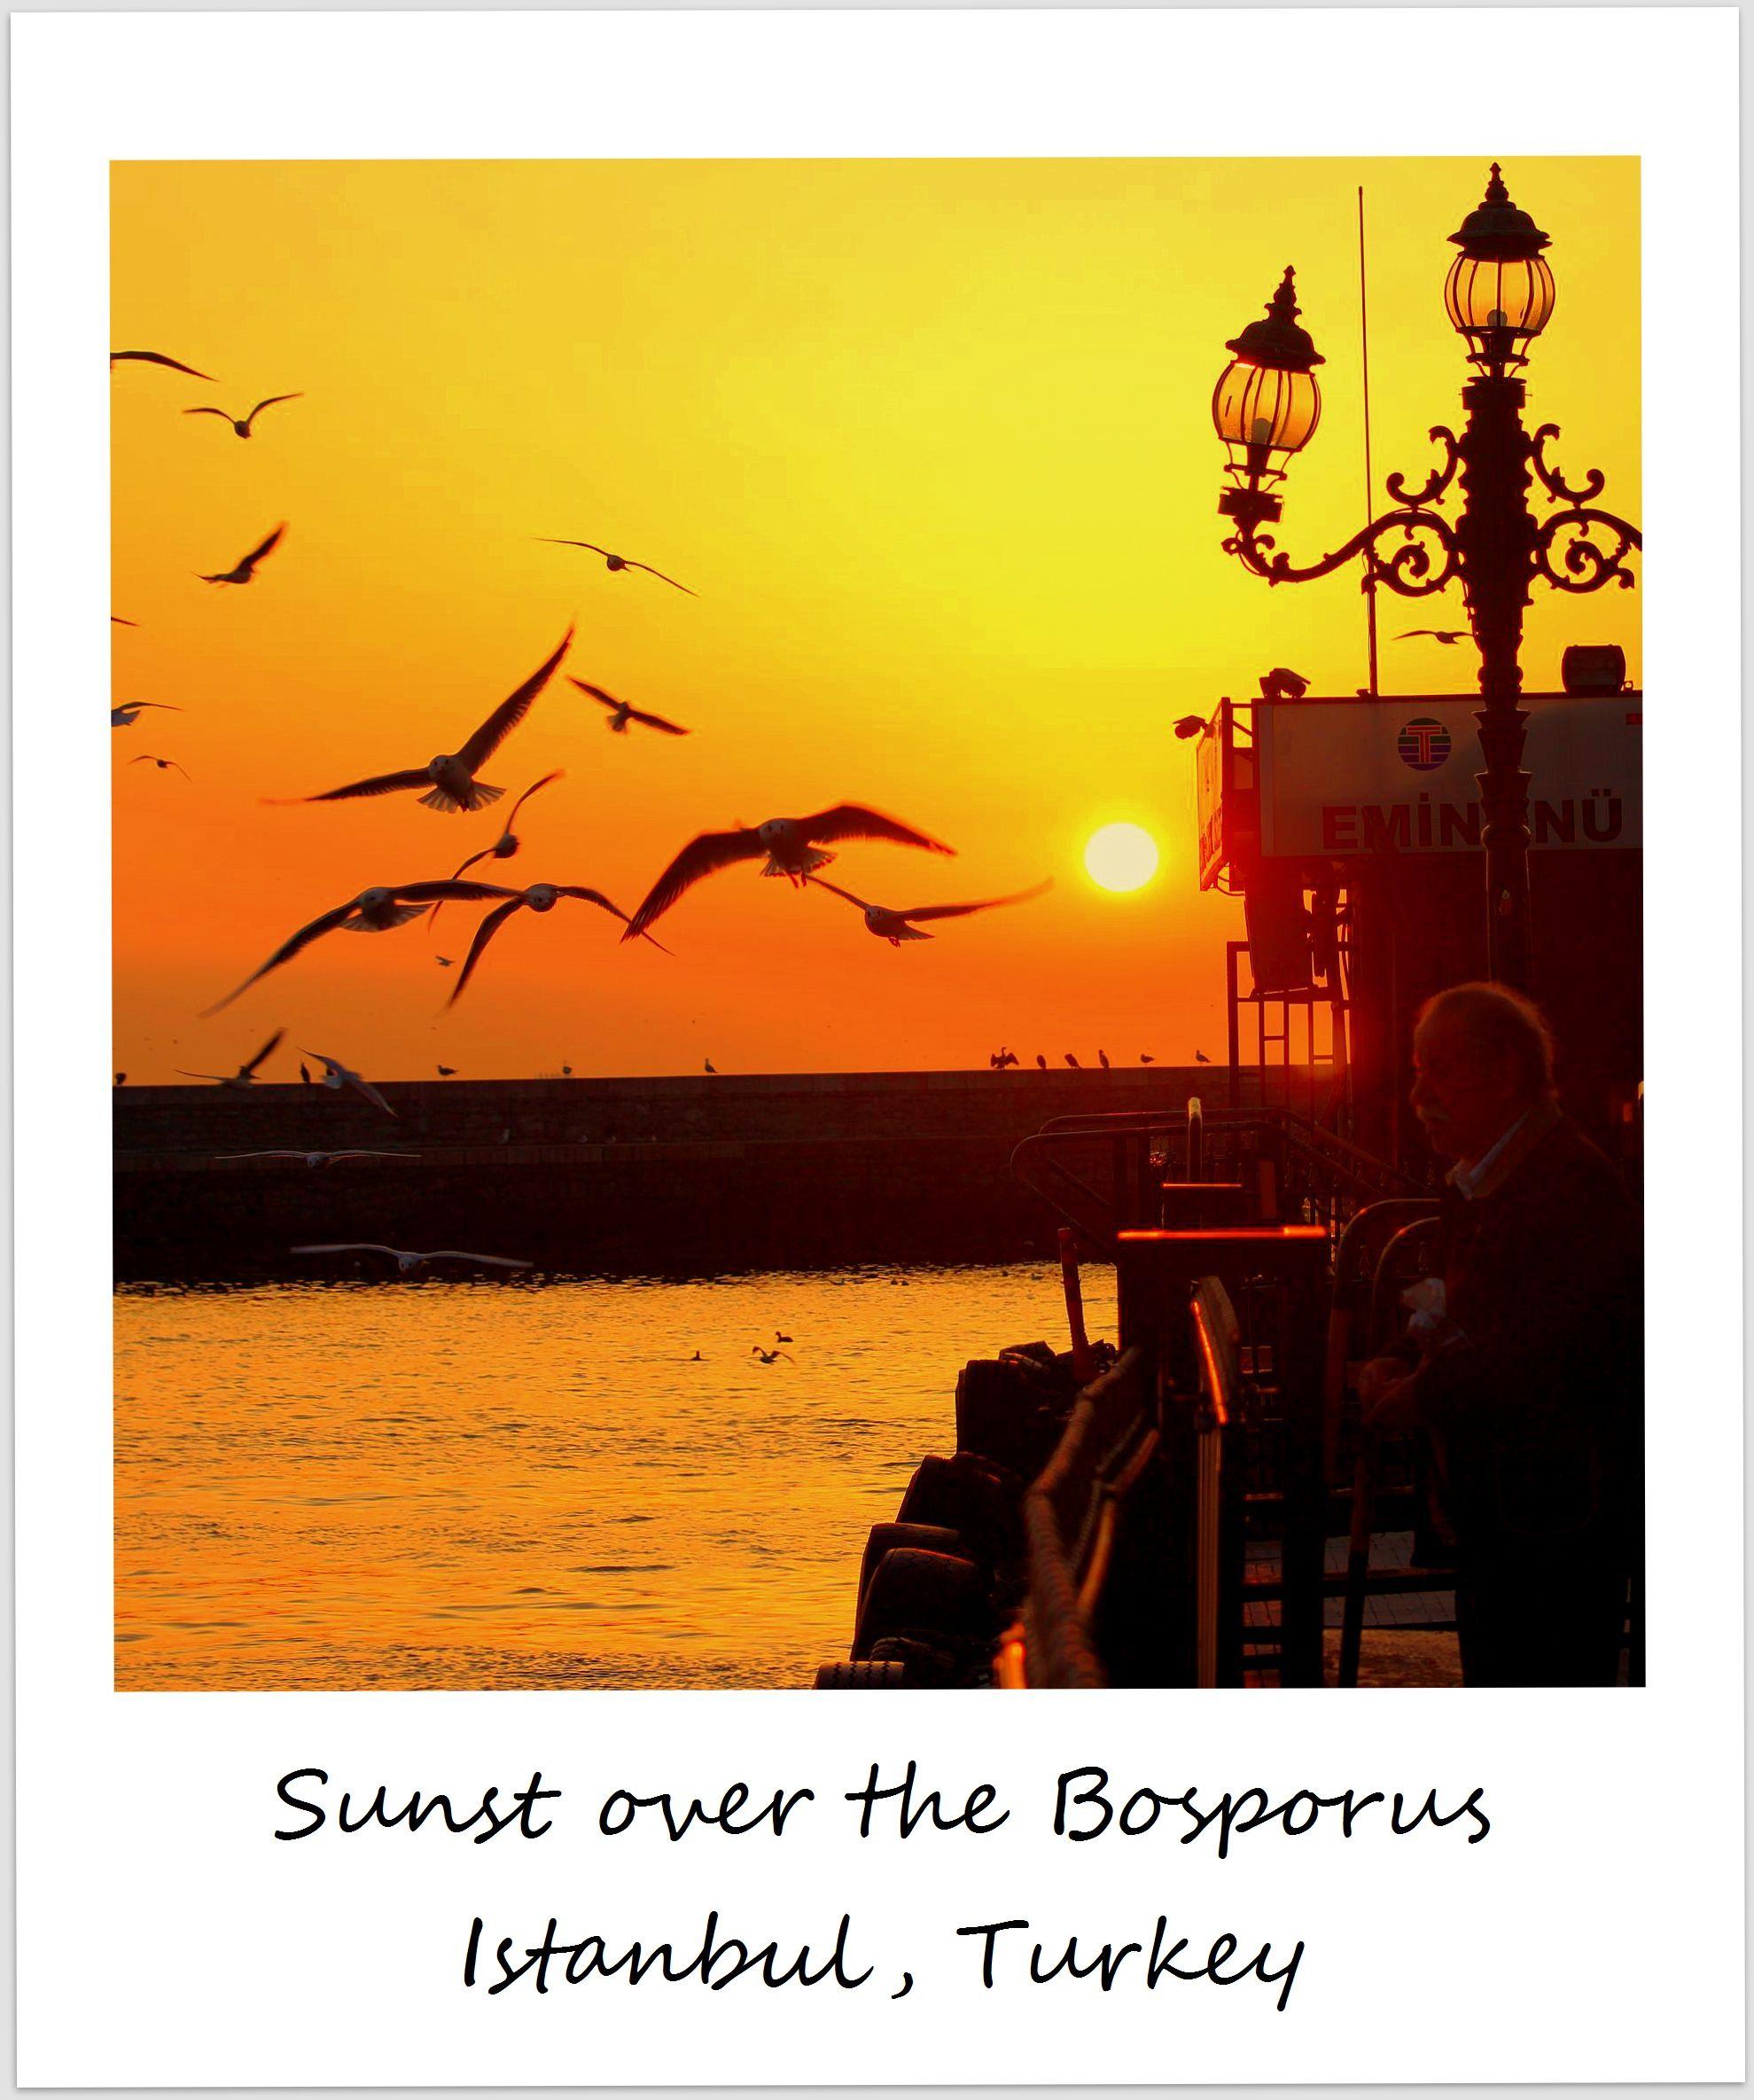 polaroid turkey istanbul bosporus sunset